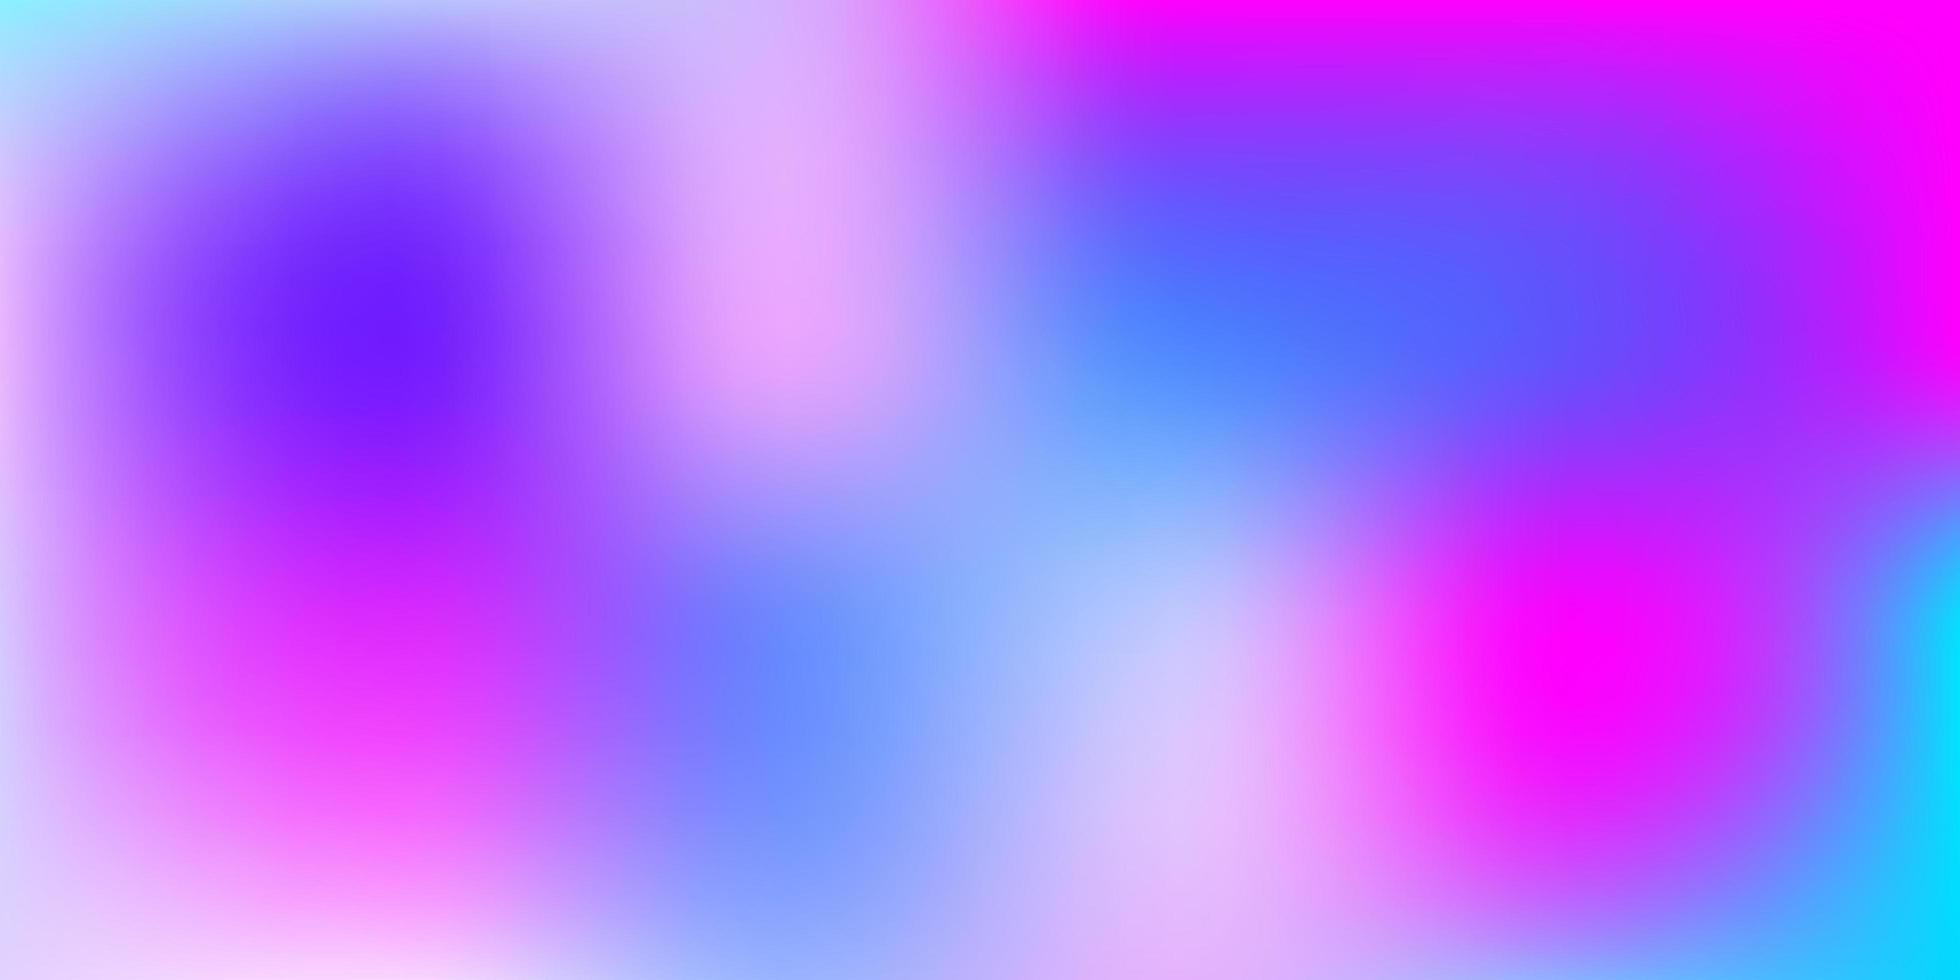 modello di sfocatura vettoriale rosa chiaro, blu.